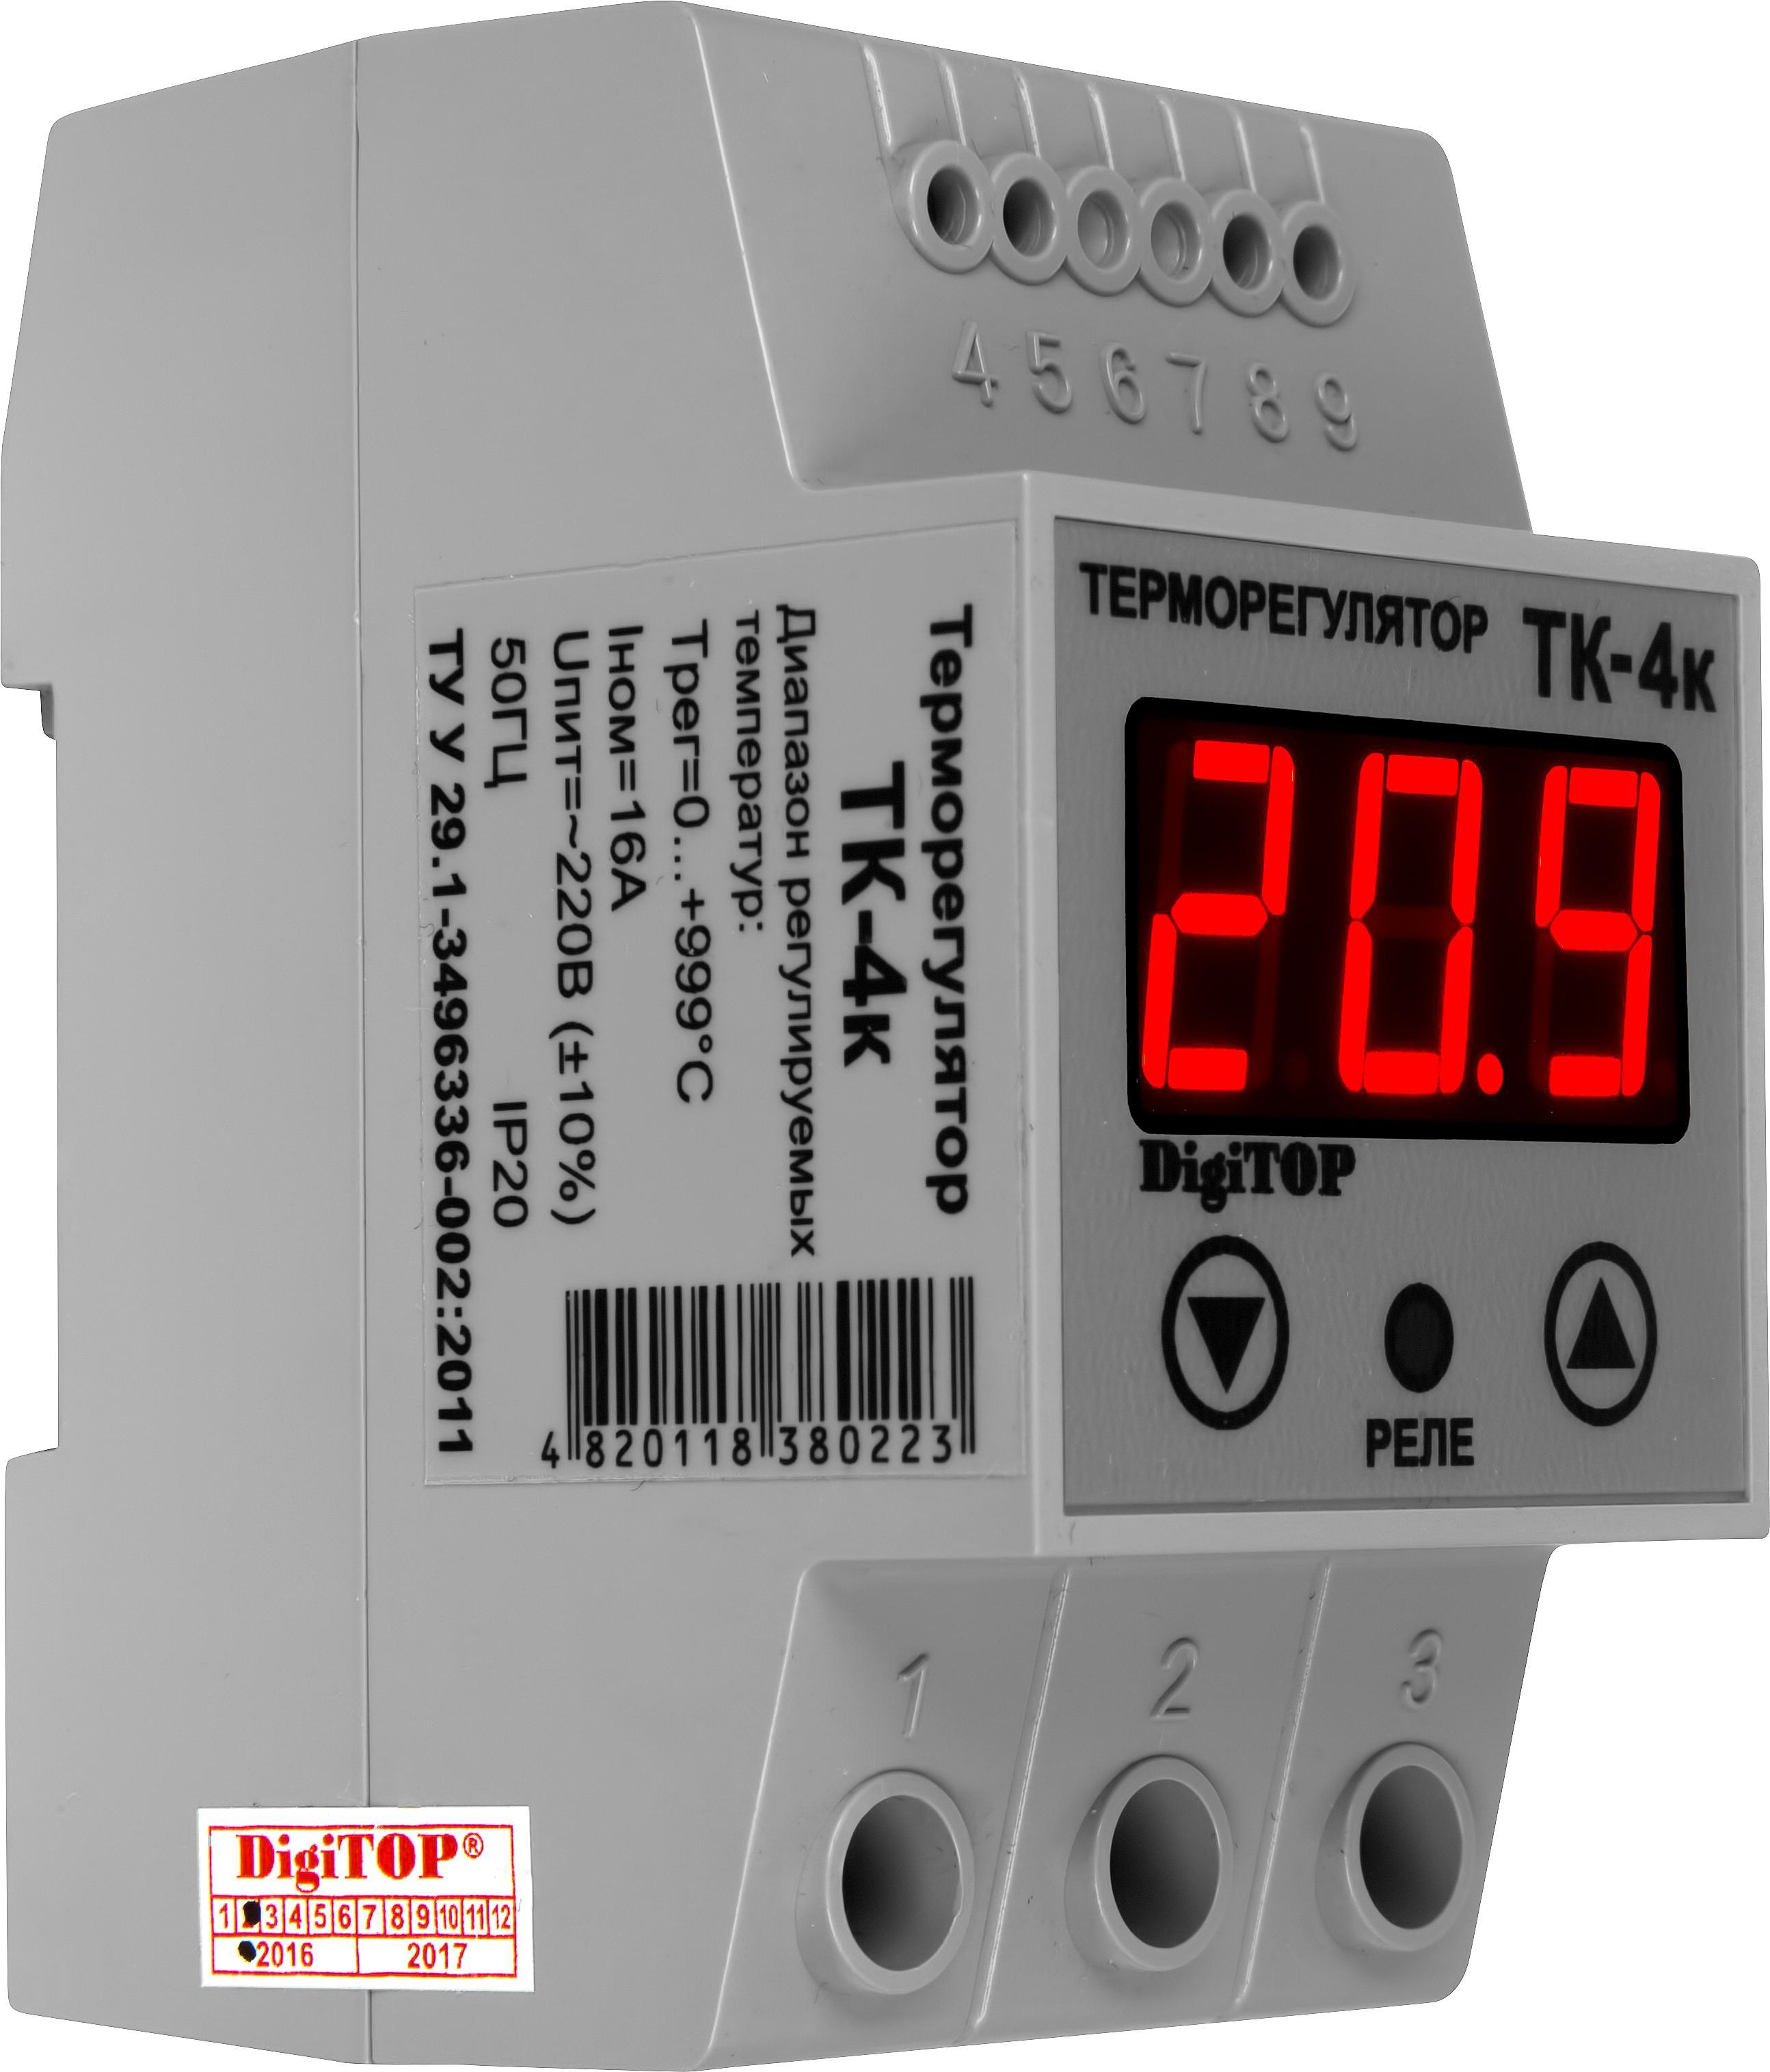 все цены на Терморегулятор Digitop ТК-4к онлайн